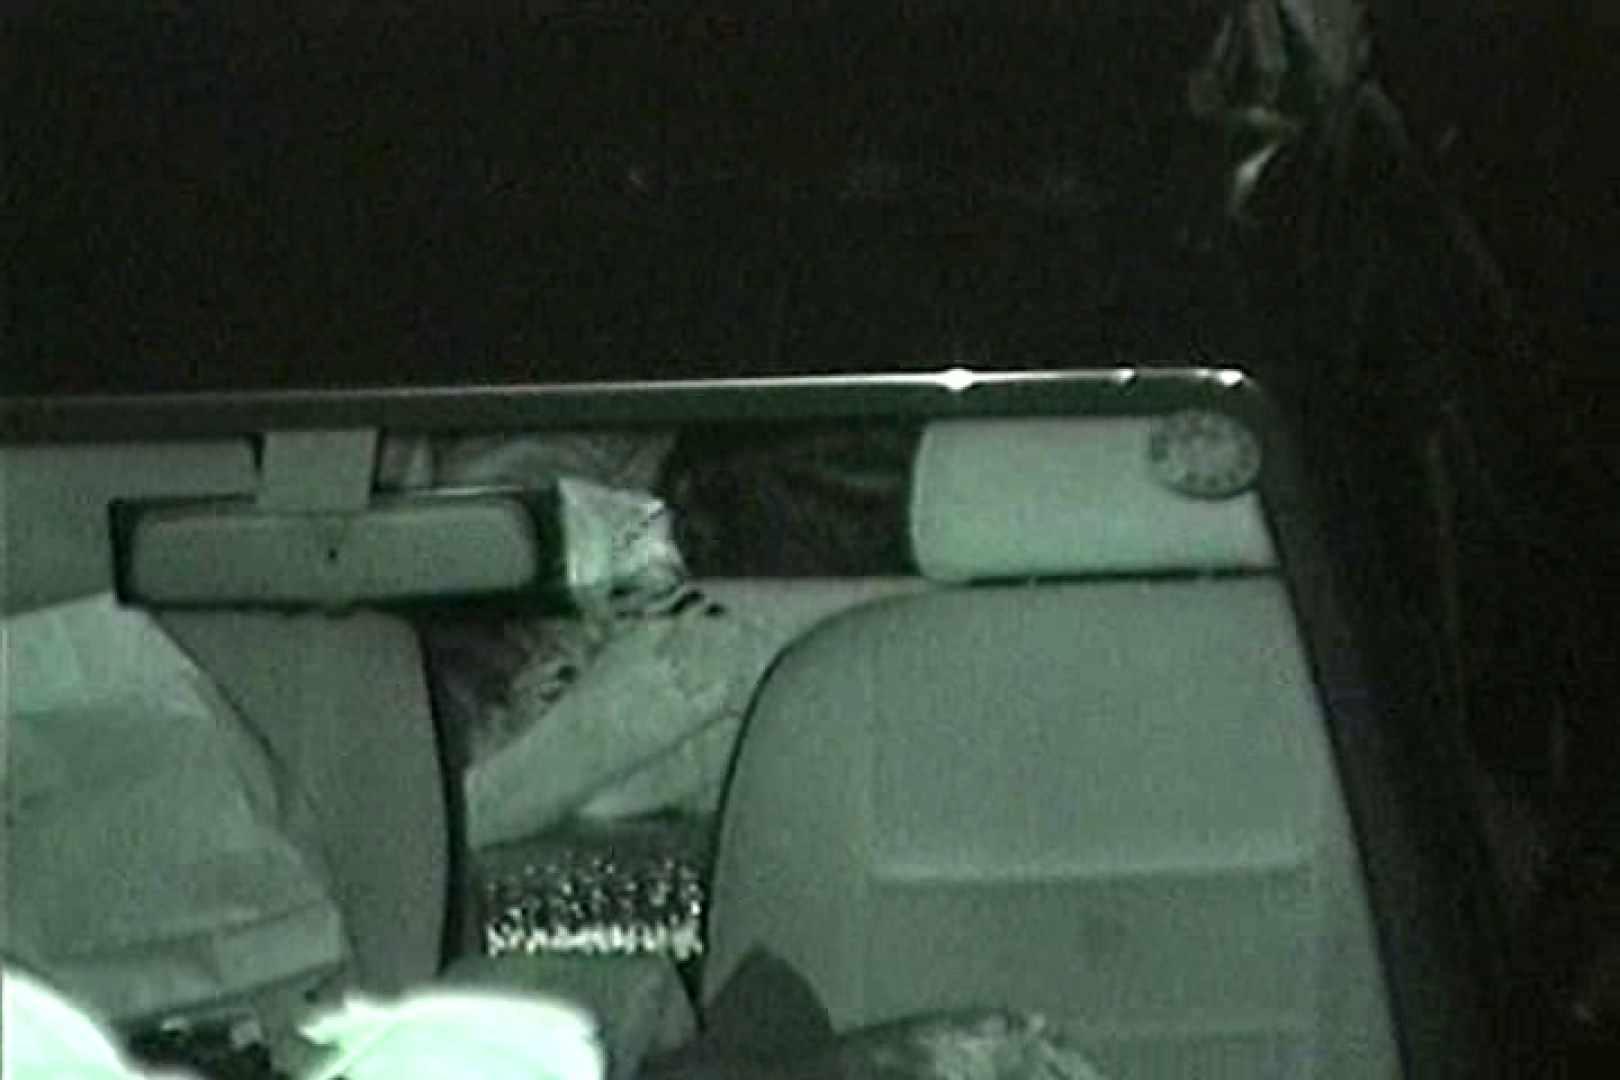 車の中はラブホテル 無修正版  Vol.8 望遠 すけべAV動画紹介 108PICs 102